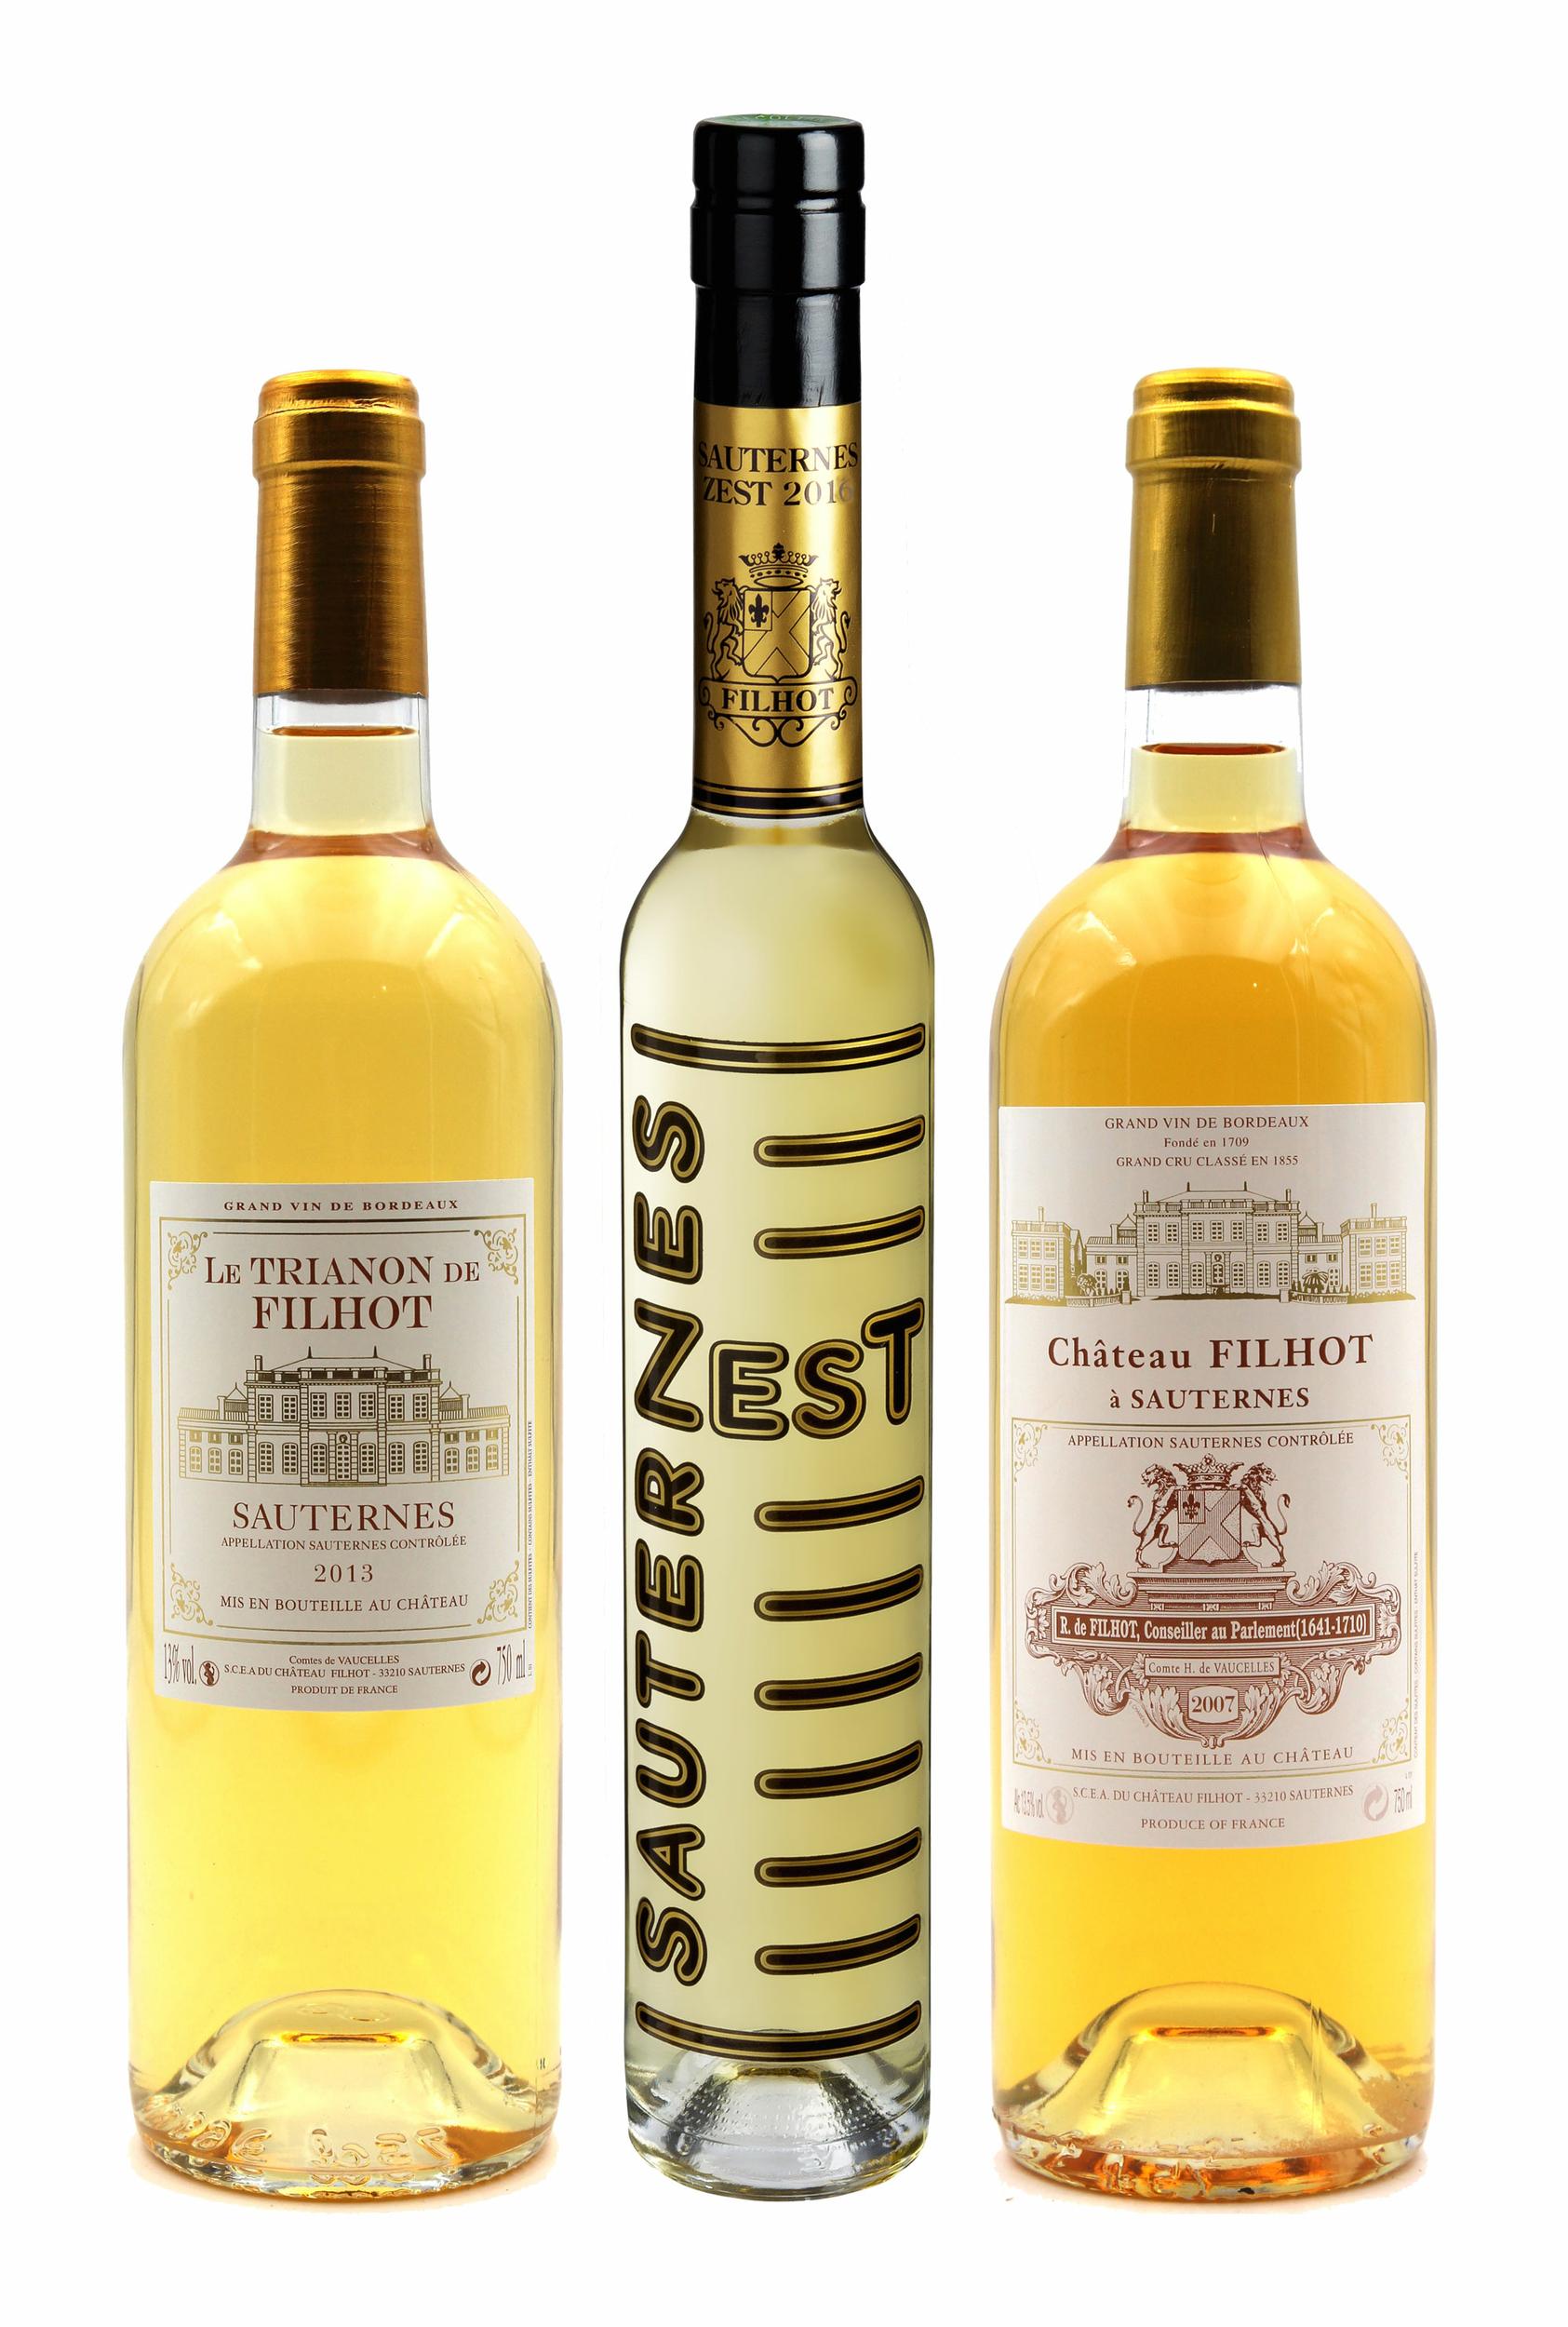 Coffret Découverte Filhot, Trianon & Zest de Filhot 2007, 2013, 2017 Vin Blanc AOC Sauternes